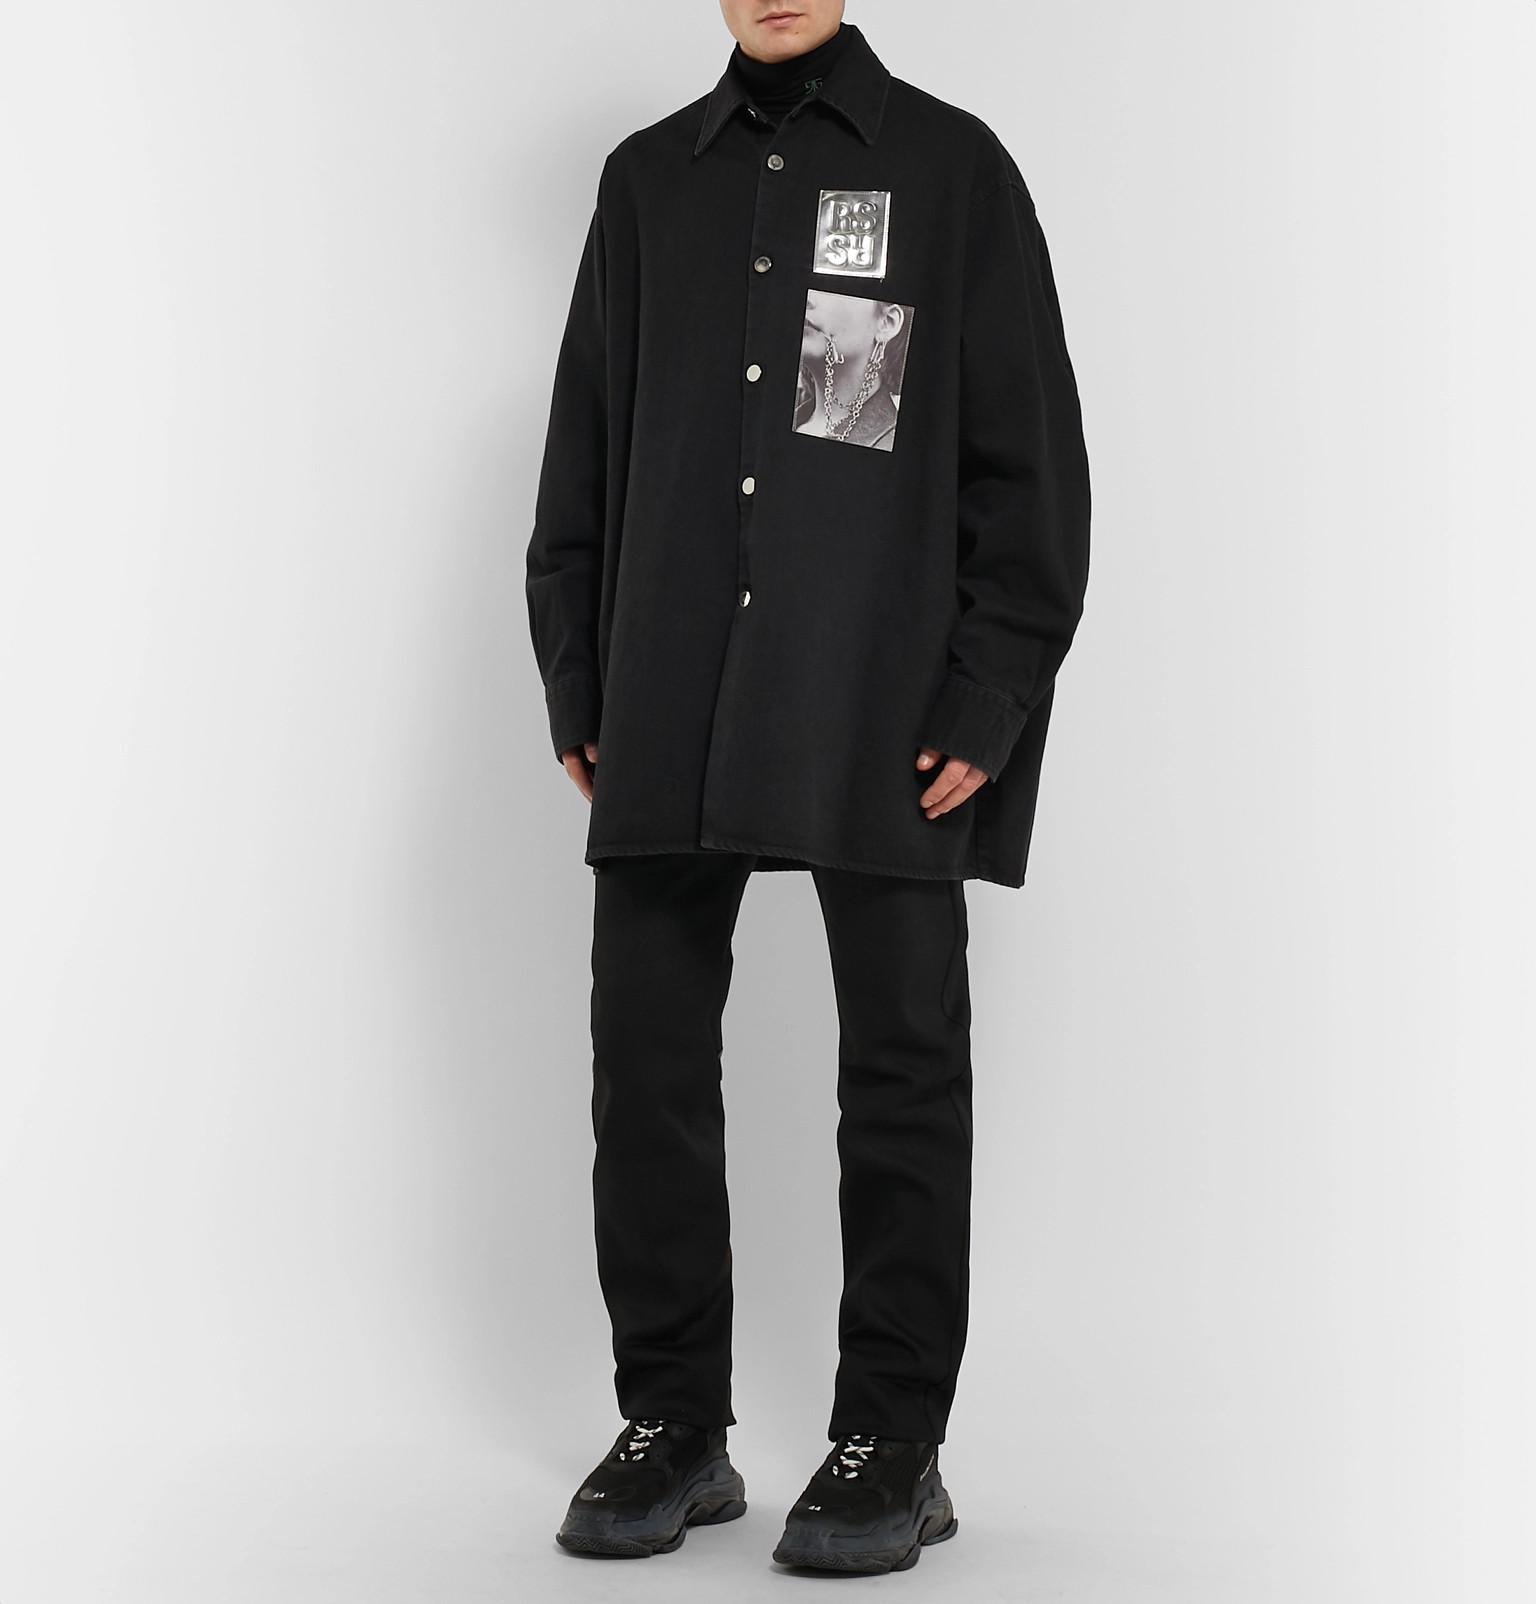 a0de9c97d3 Raf Simons - Oversized Appliquéd Denim Shirt Jacket